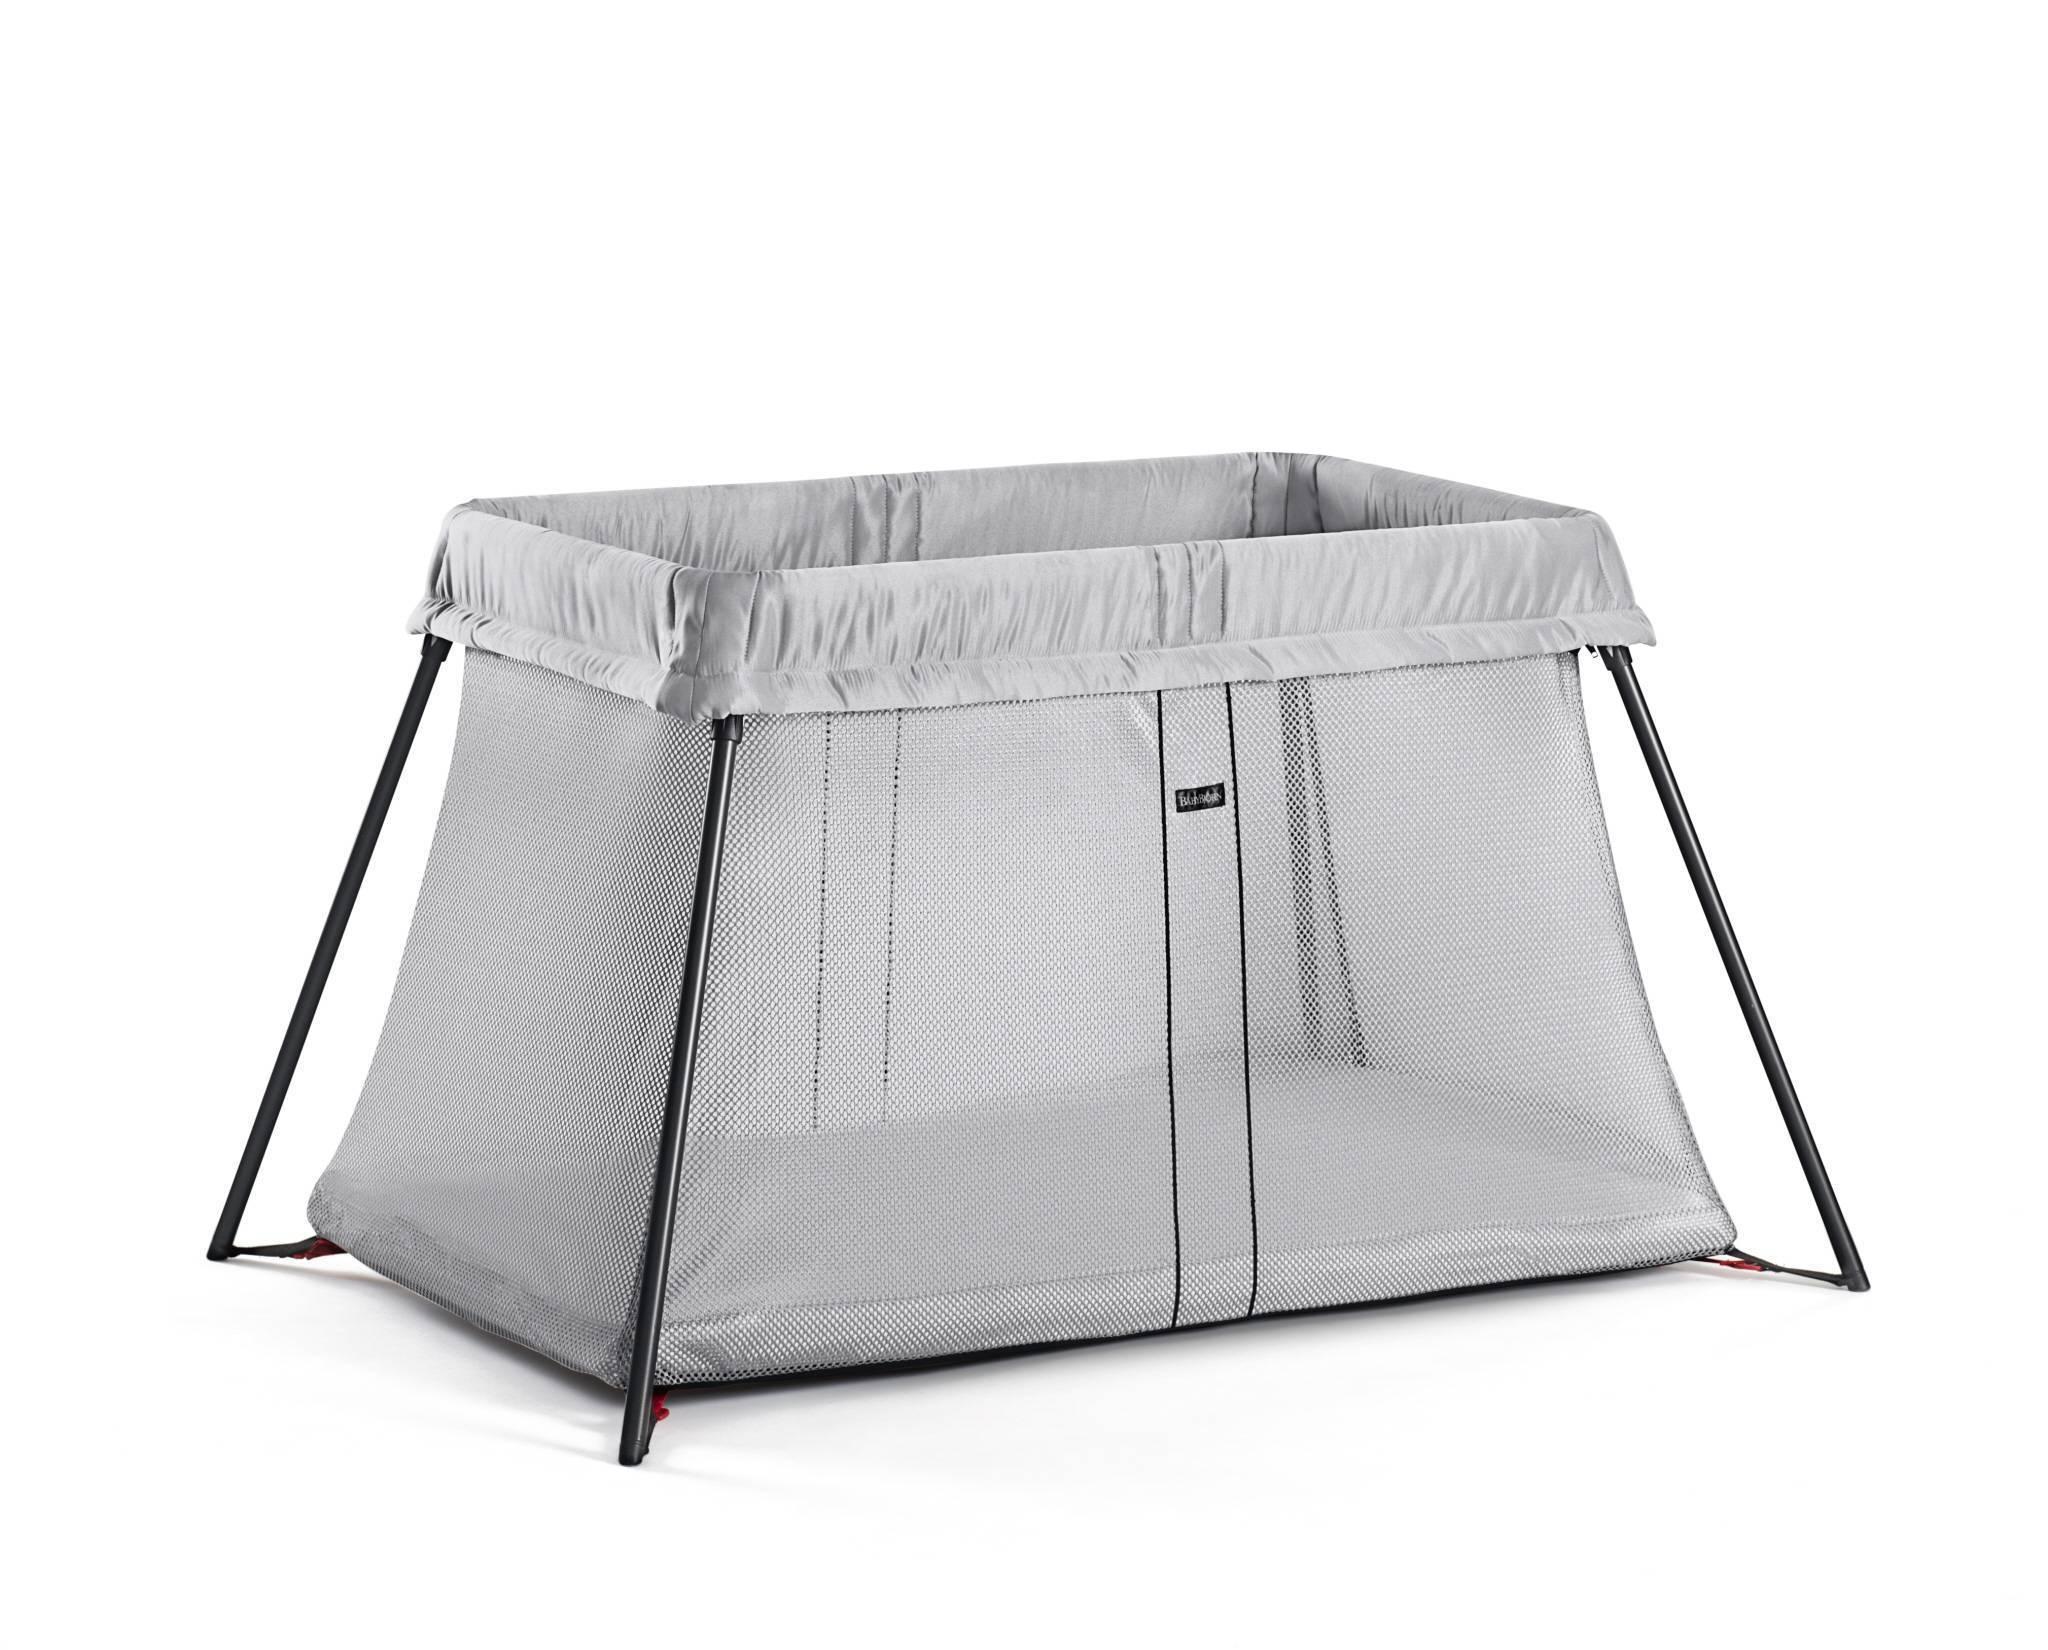 concours le lit light babybjorn maman floutch blog pour mamans parents de jumeaux. Black Bedroom Furniture Sets. Home Design Ideas